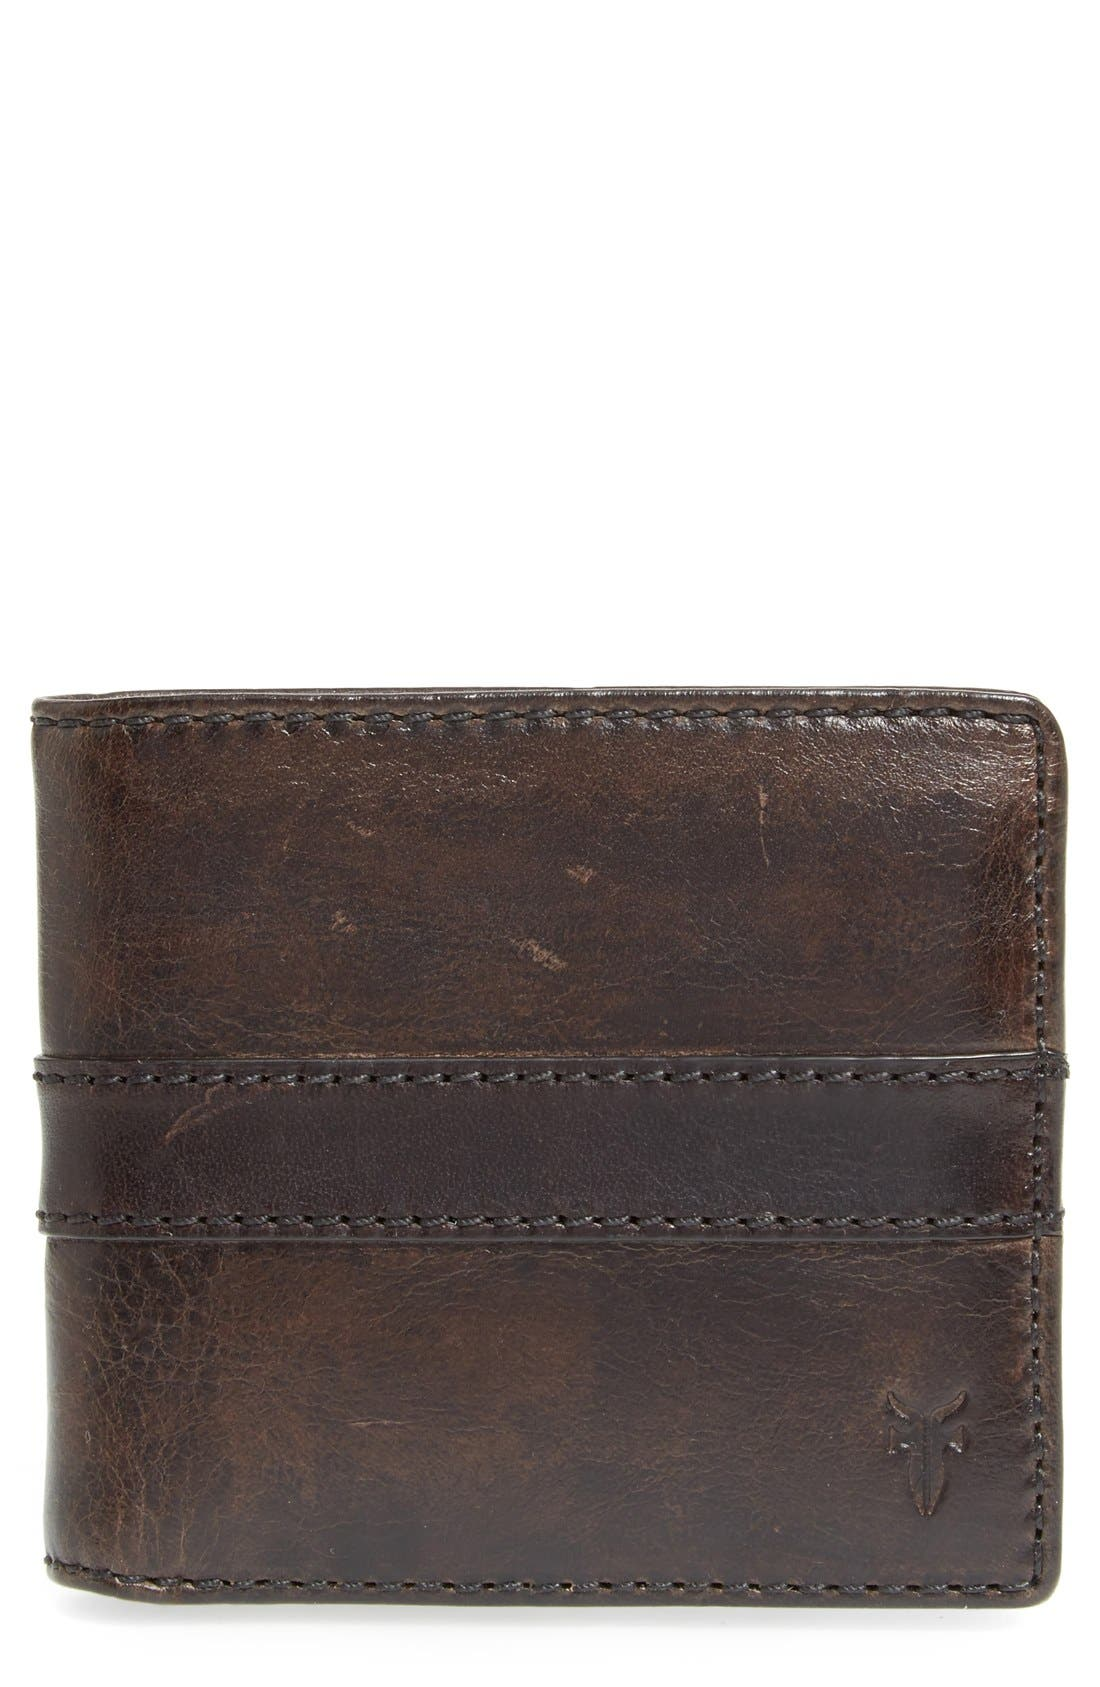 Main Image - Frye 'Oliver' Leather Billfold Wallet